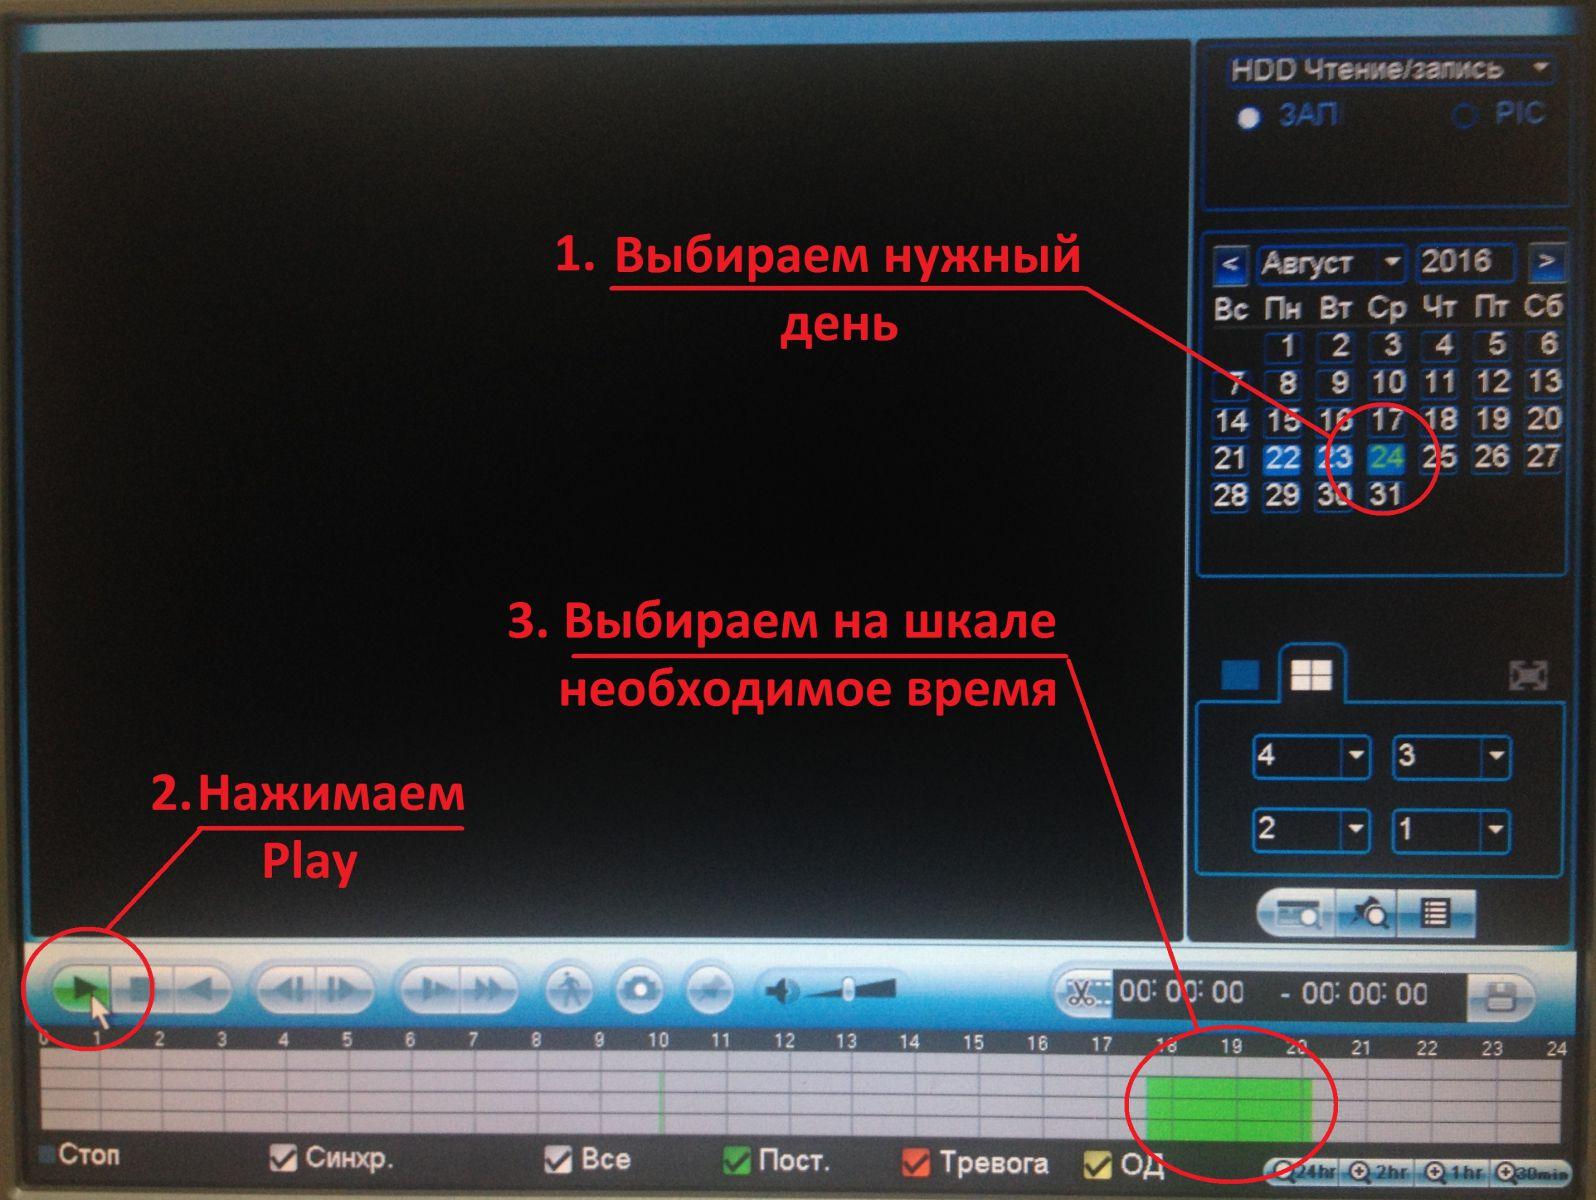 Rfr просмотреть записи видеорегистратора видеорегистратор carcam k200